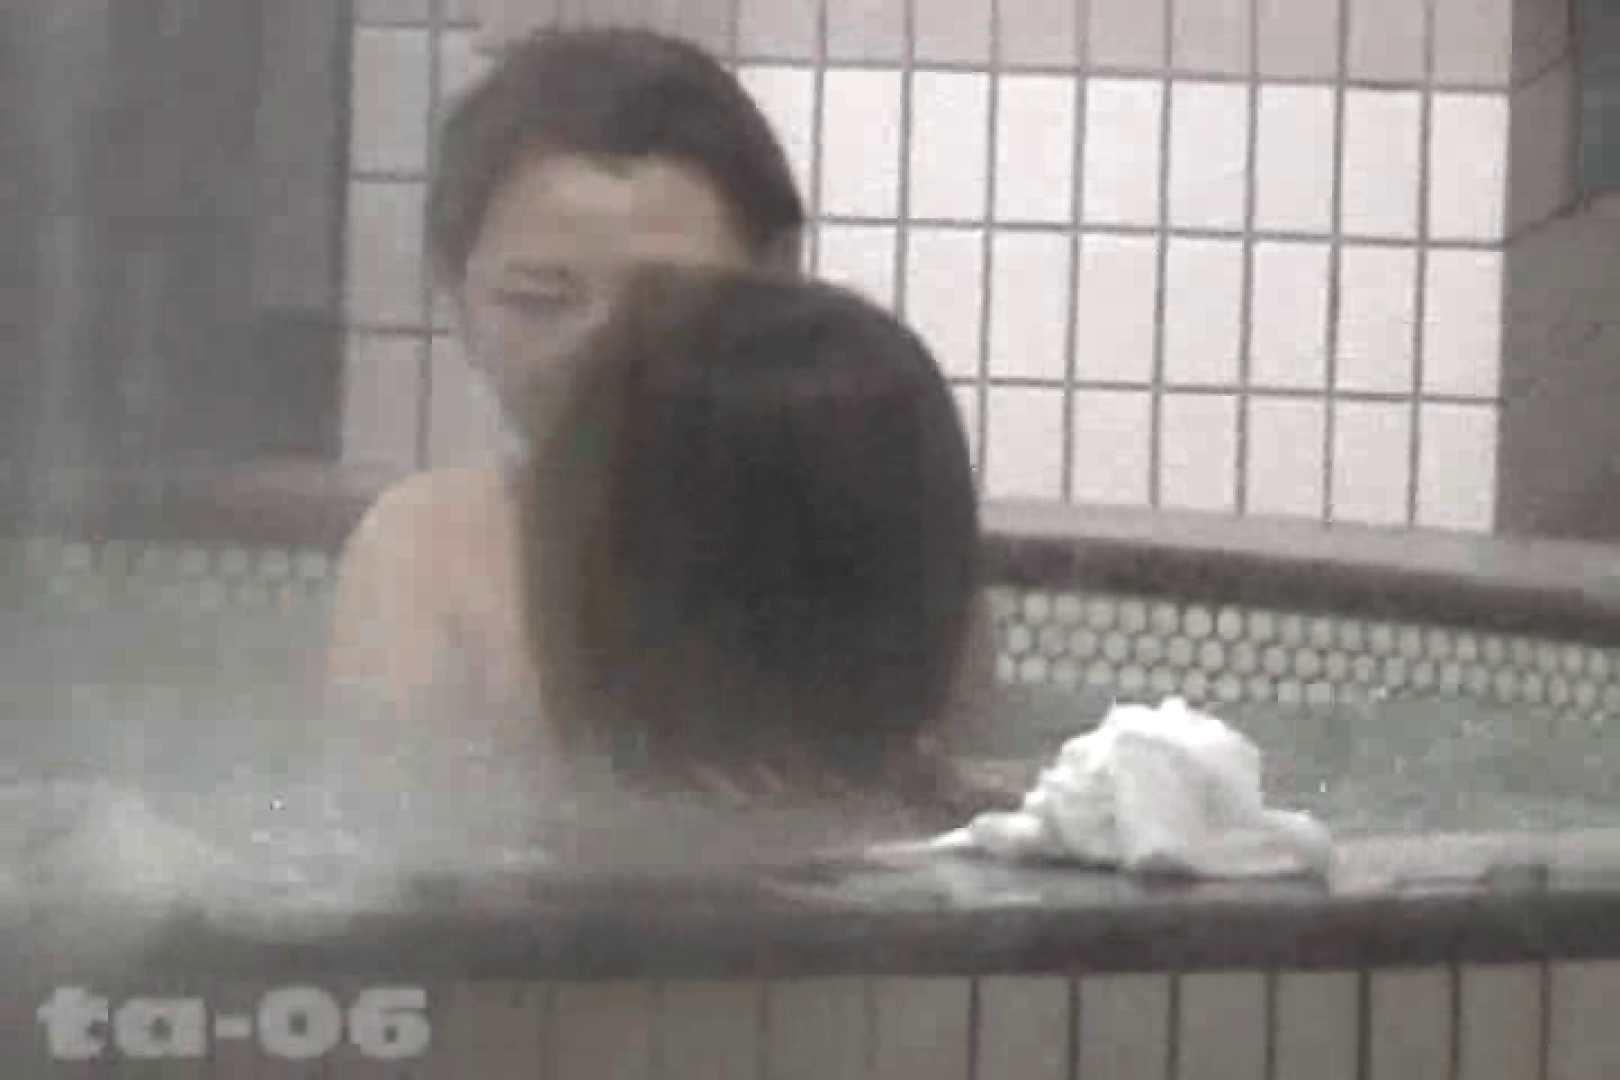 合宿ホテル女風呂盗撮高画質版 Vol.06 ホテル おめこ無修正動画無料 107連発 100